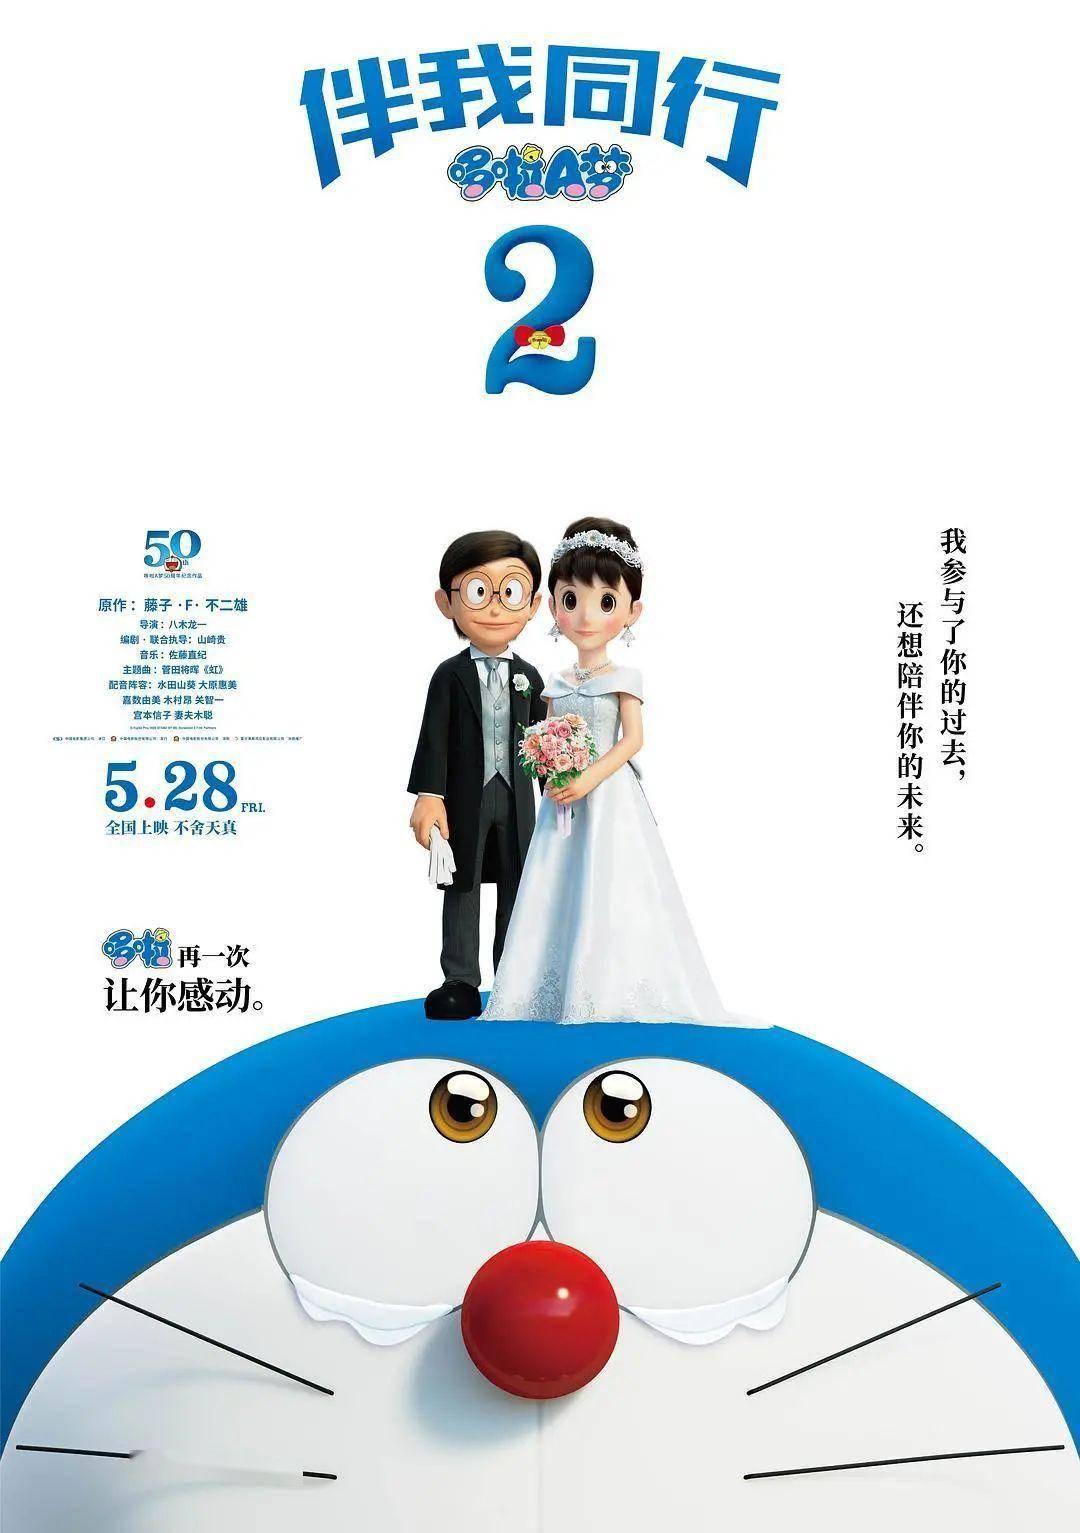 大雄和静香结婚了!《哆啦A梦:伴我同行2》即将上映_影城